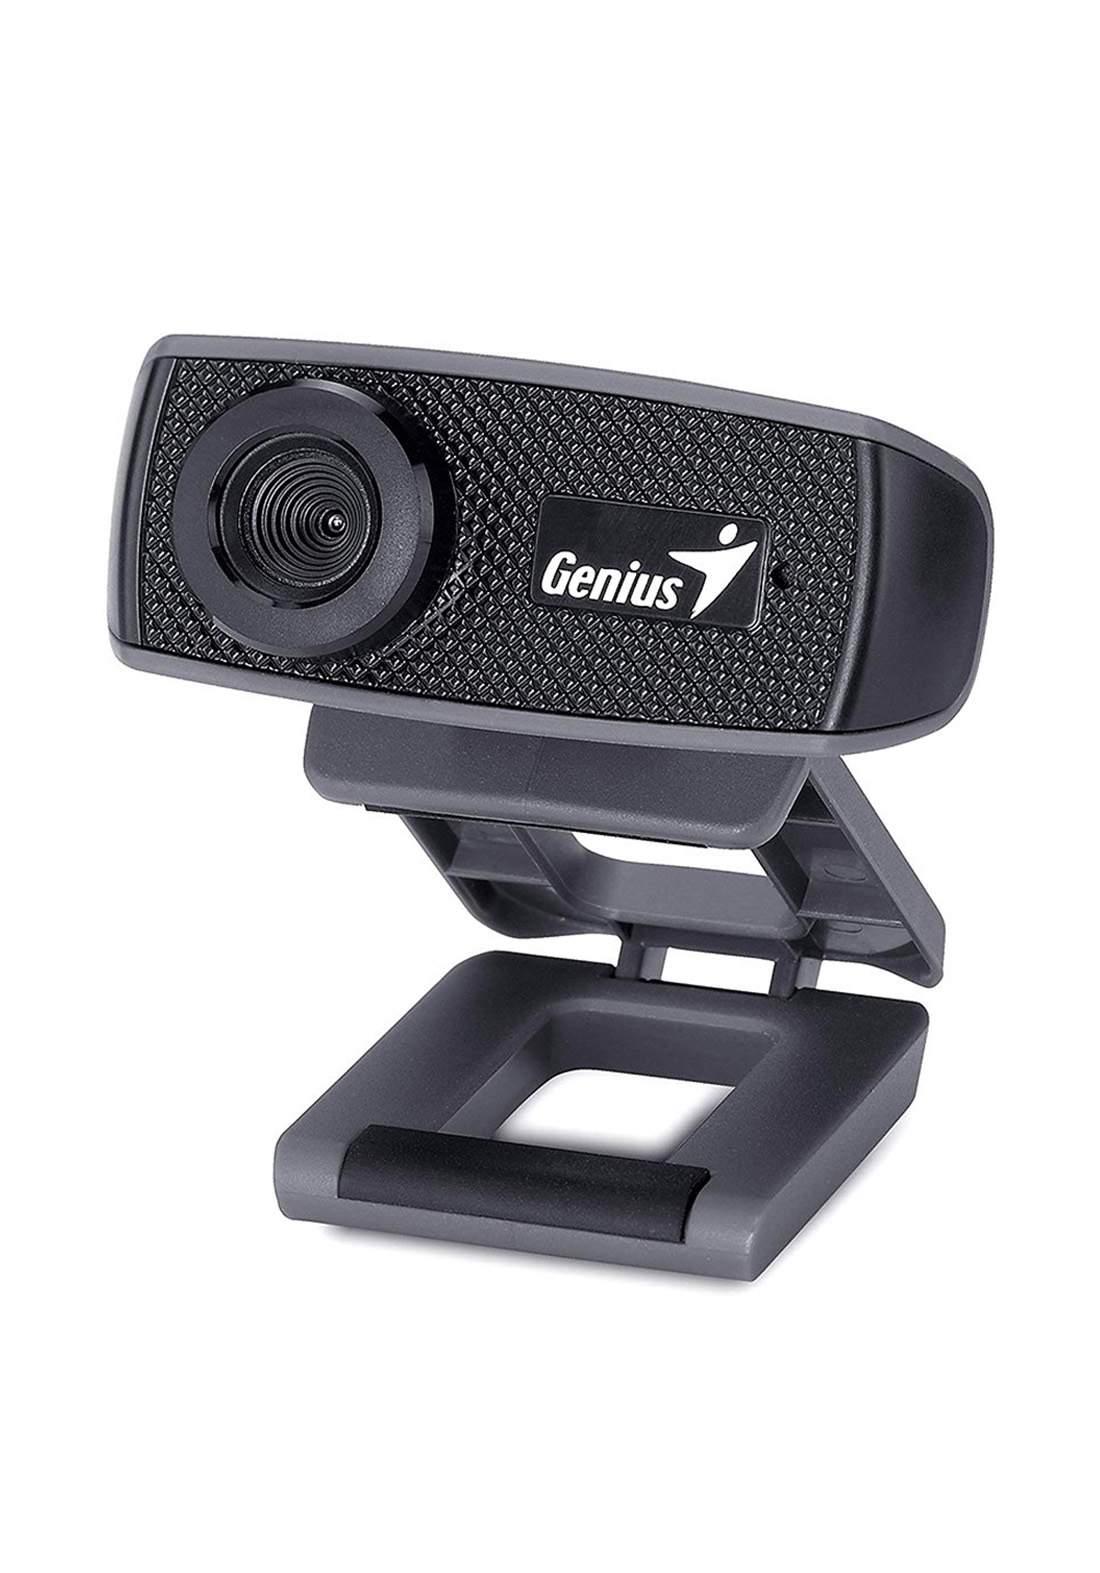 Genius FaceCam 1000X HD WebCam V2 - Black كاميرا